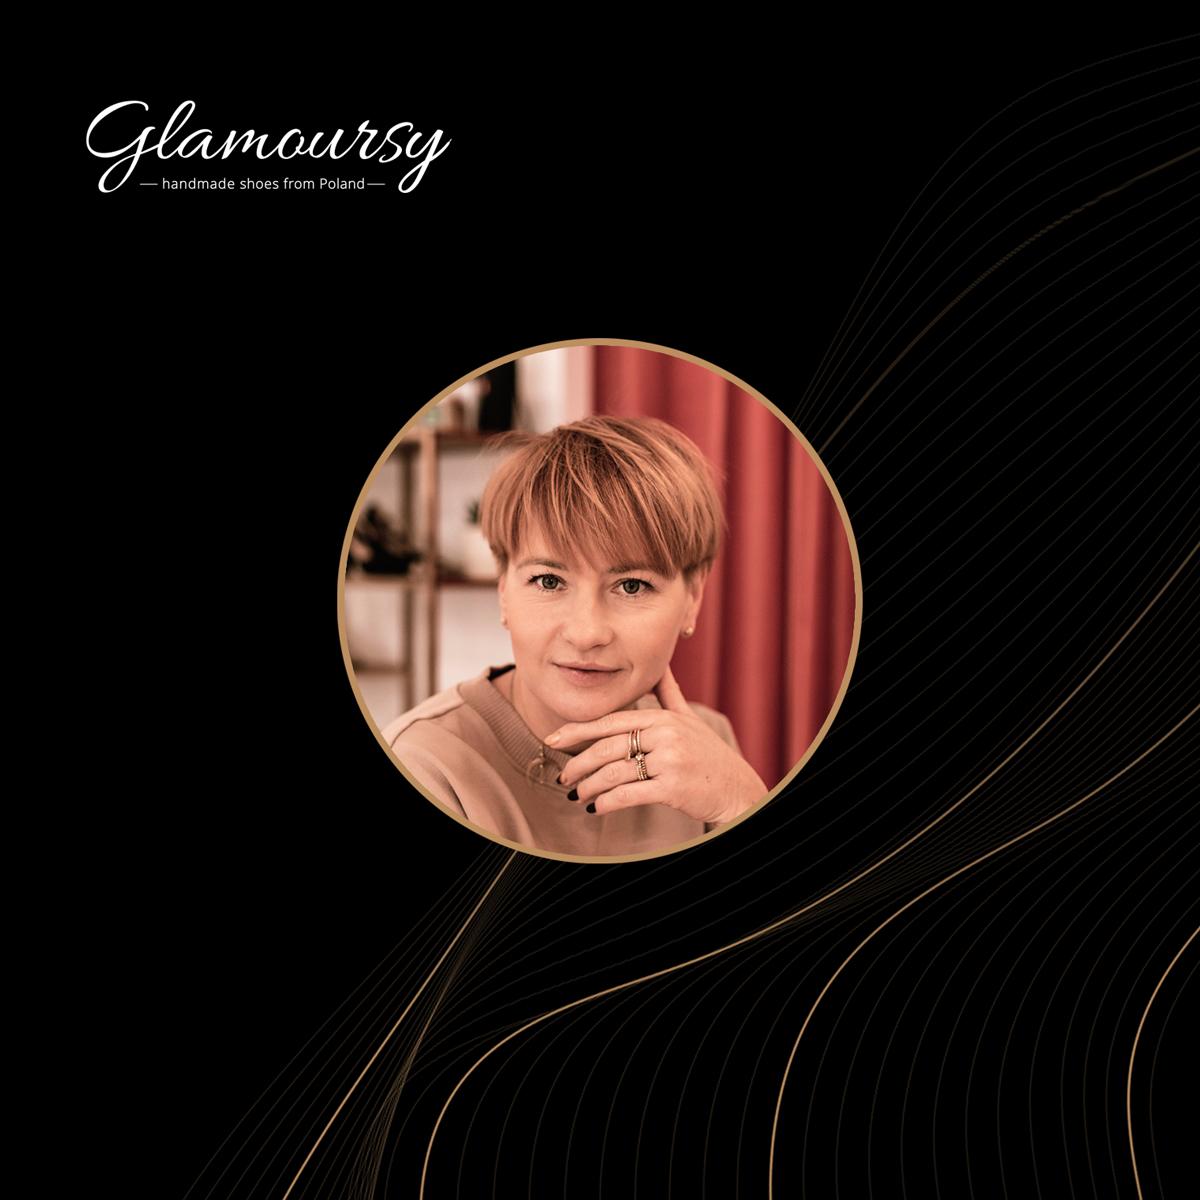 Biznes bez Tabu – Glamoursy – wywiad z Katarzyną Kapustą-Paziewską